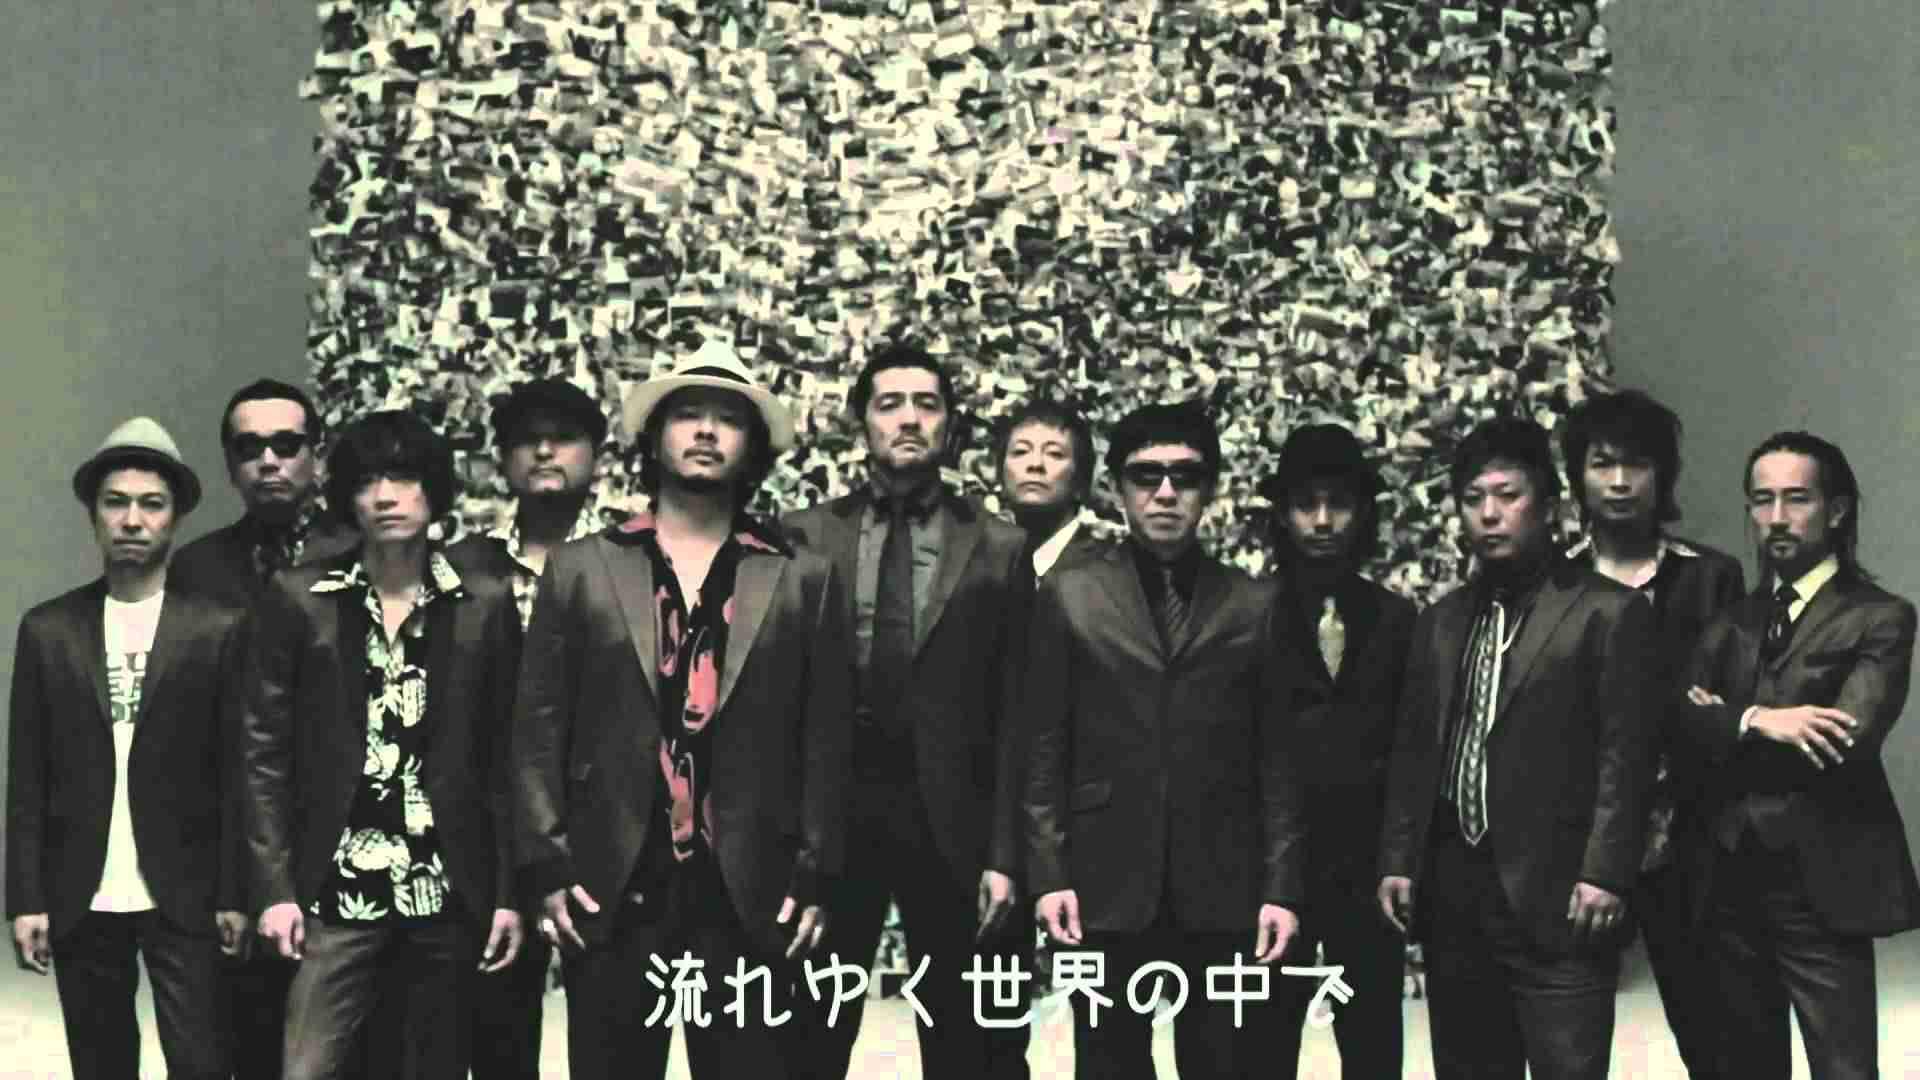 流れゆく世界の中で feat.MONGOL.800 / TOKYO SKA PARADISE ORCHESTRA - YouTube